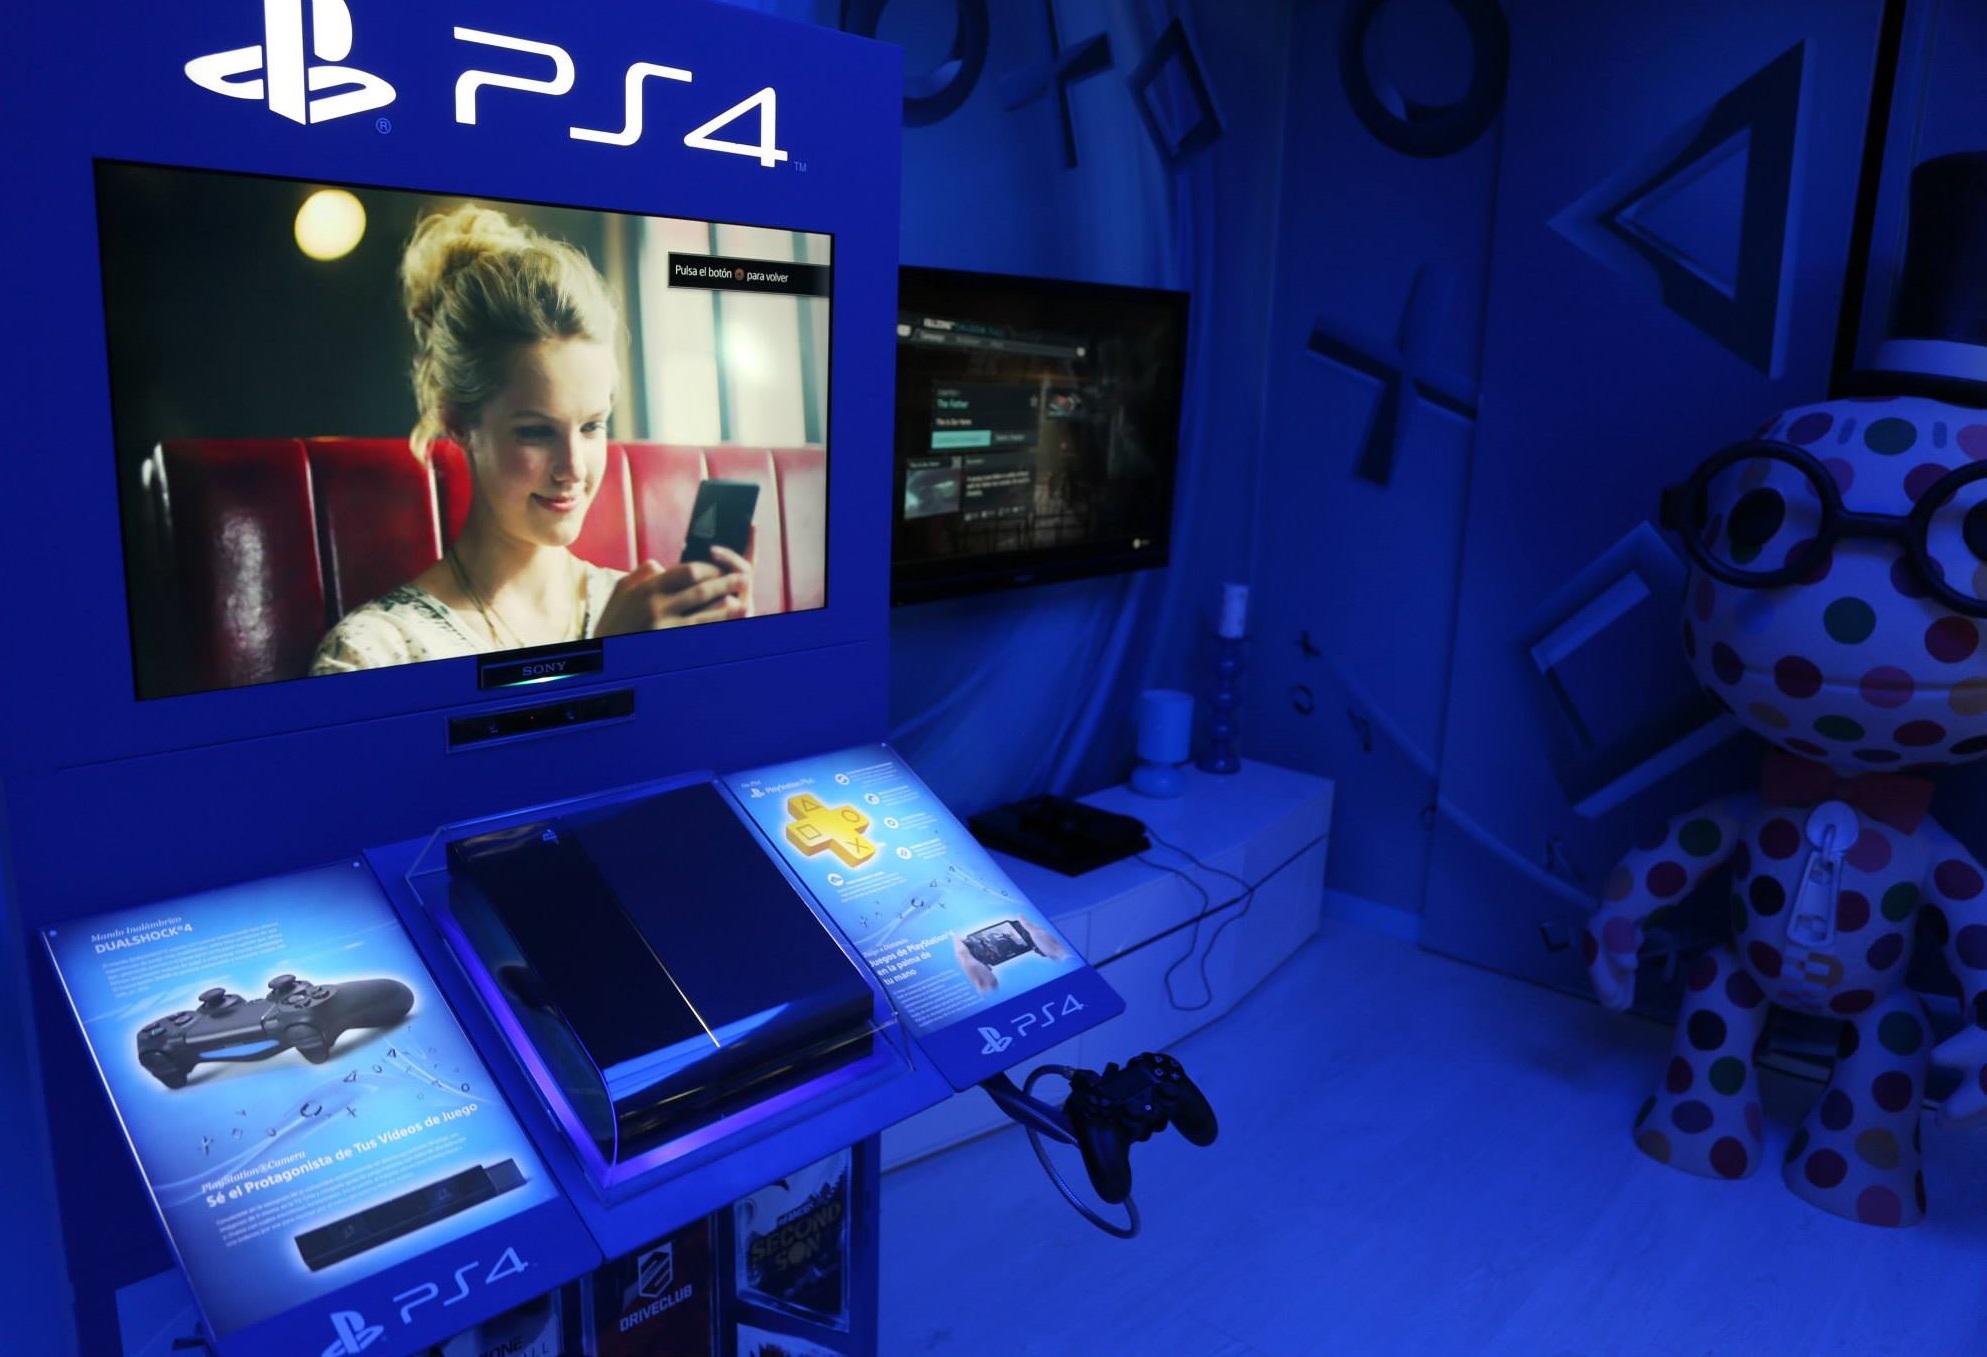 Sony lanza la nueva versión de PlayStation en Latinoamérica